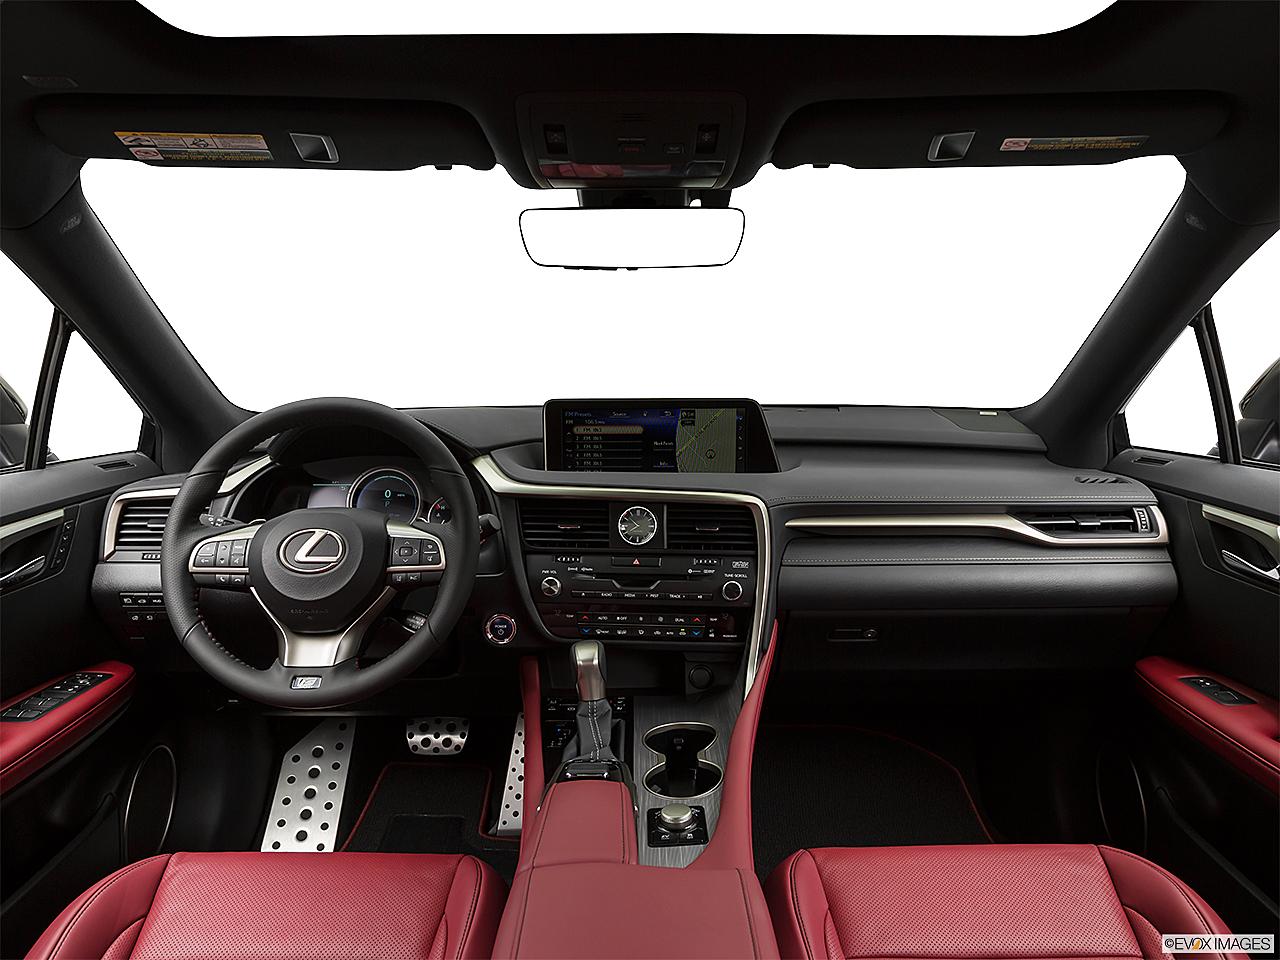 2018 Lexus Rx Hybrid 450h F Sport Centered Wide Dash Shot